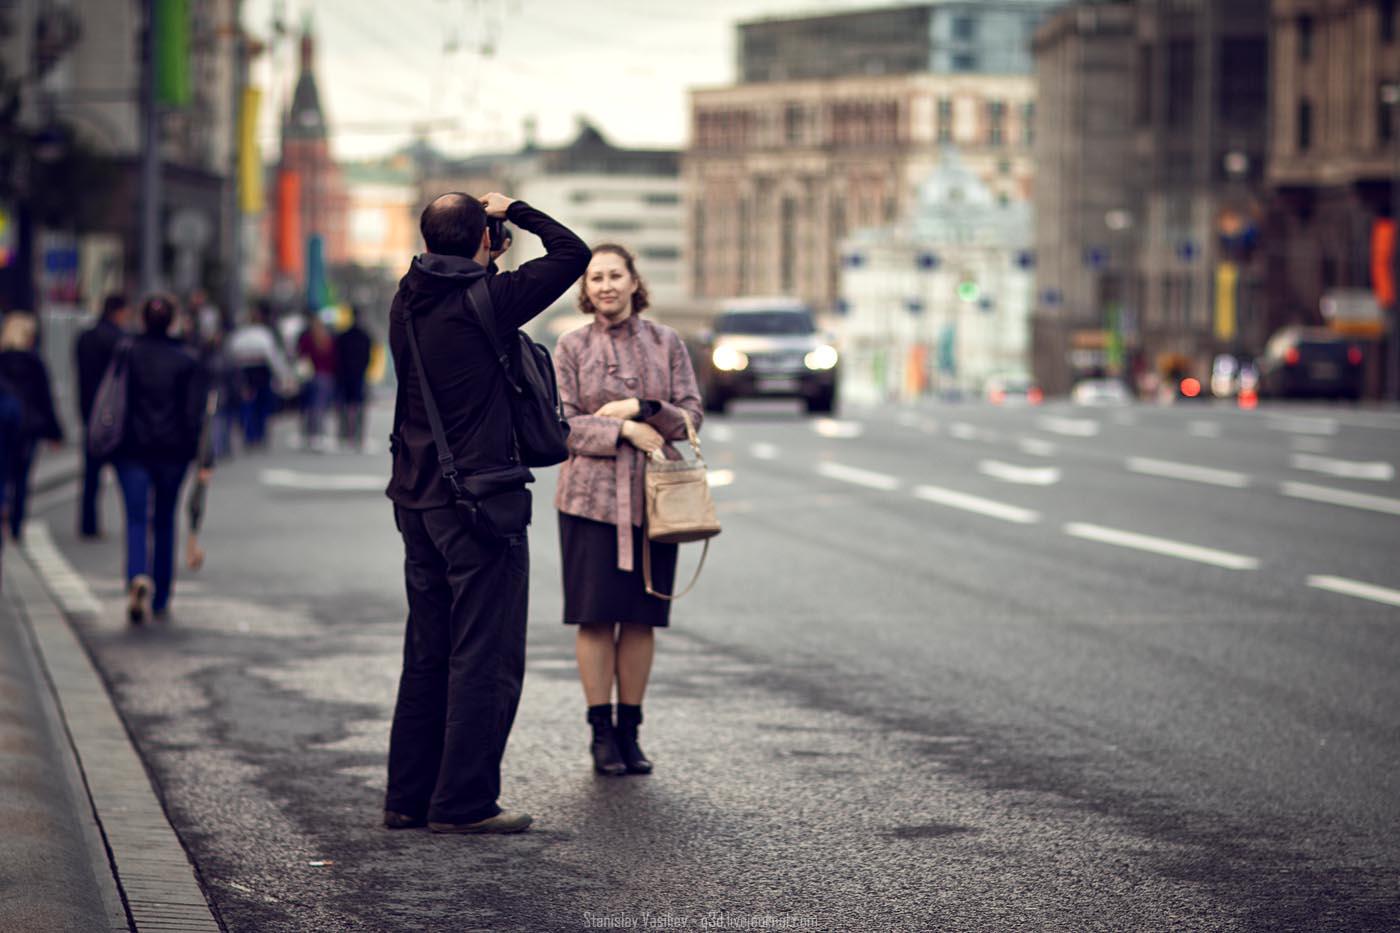 День города - Москва - 2013 - #054